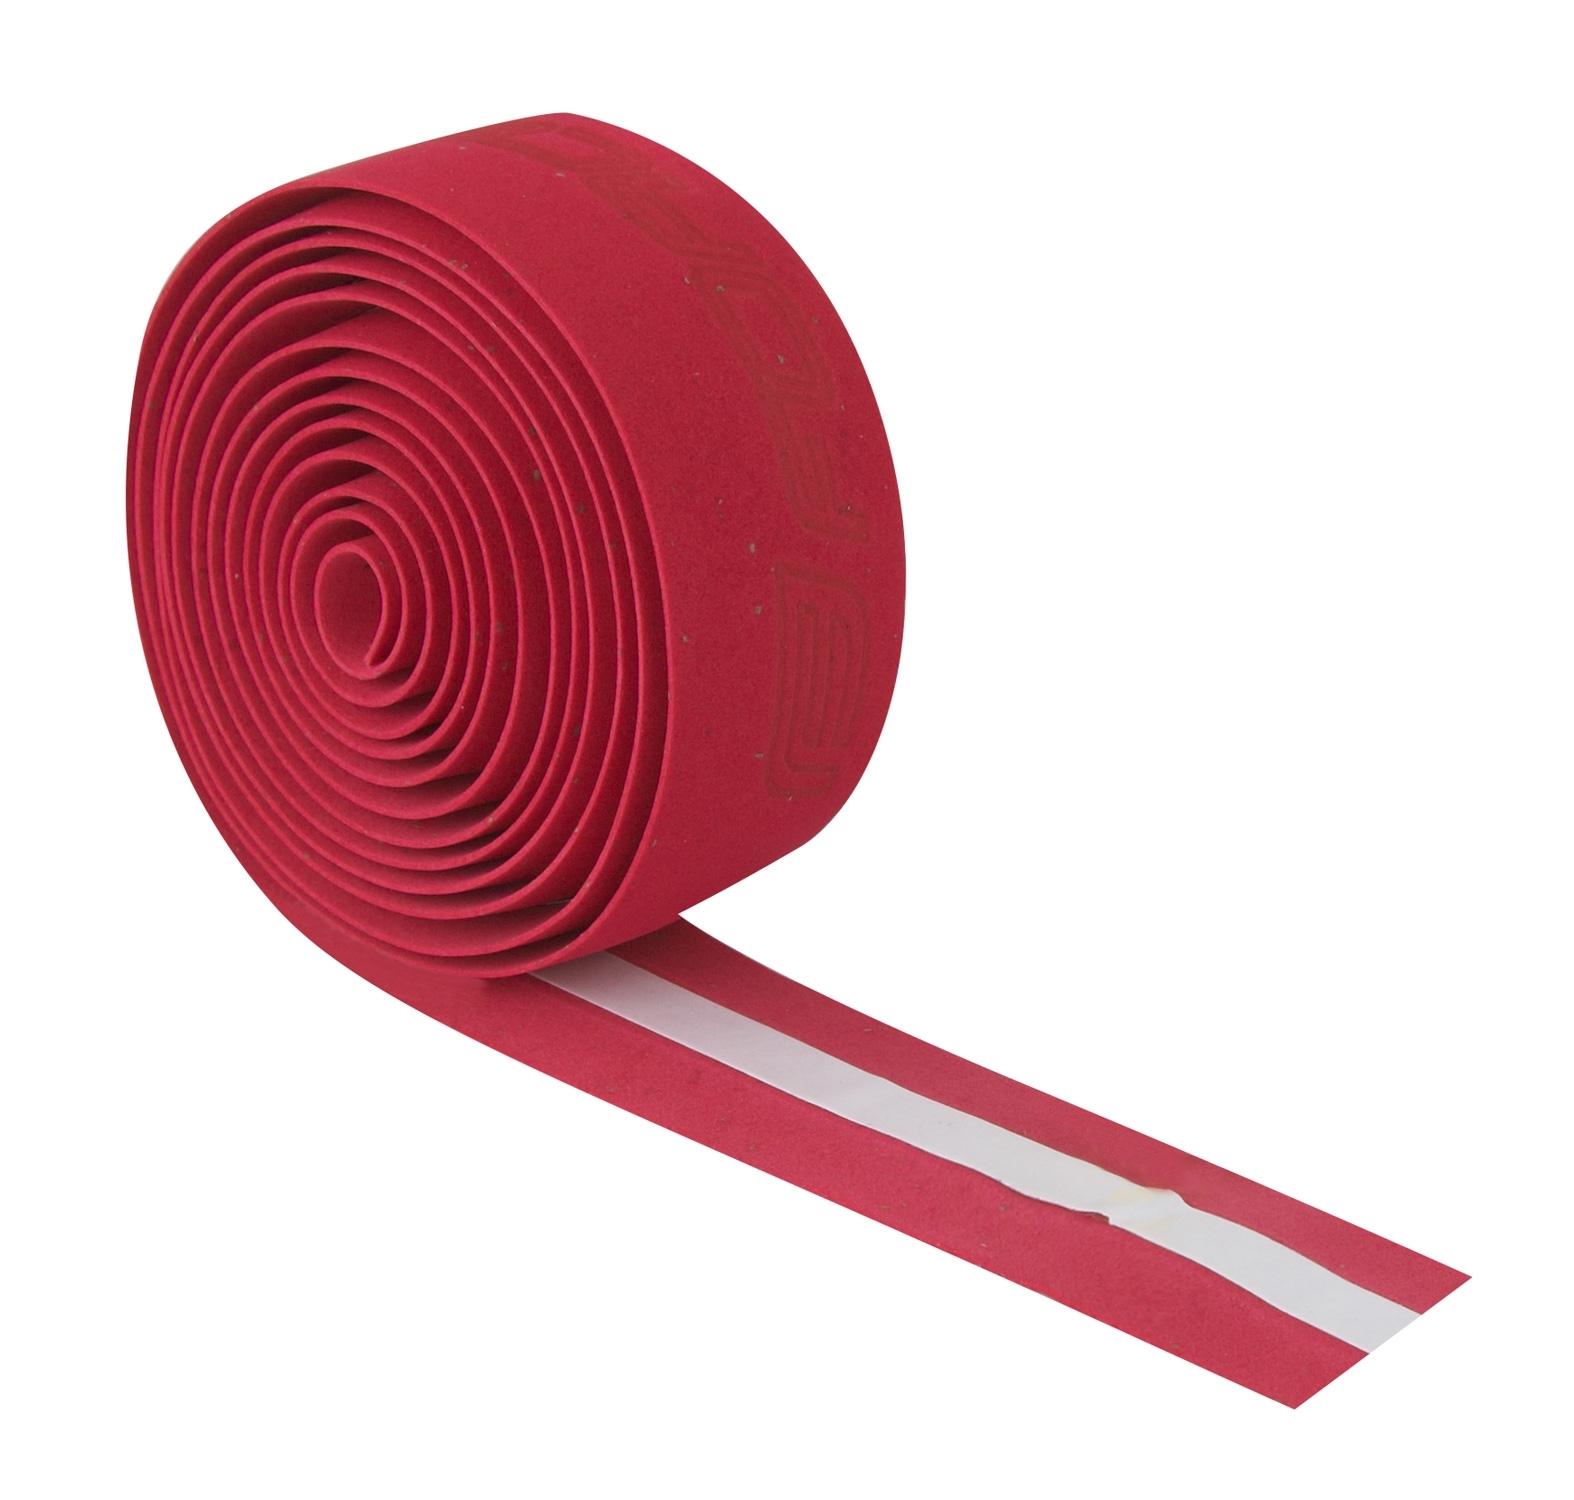 omotávky FORCE korková s vytláčeným logem, červená